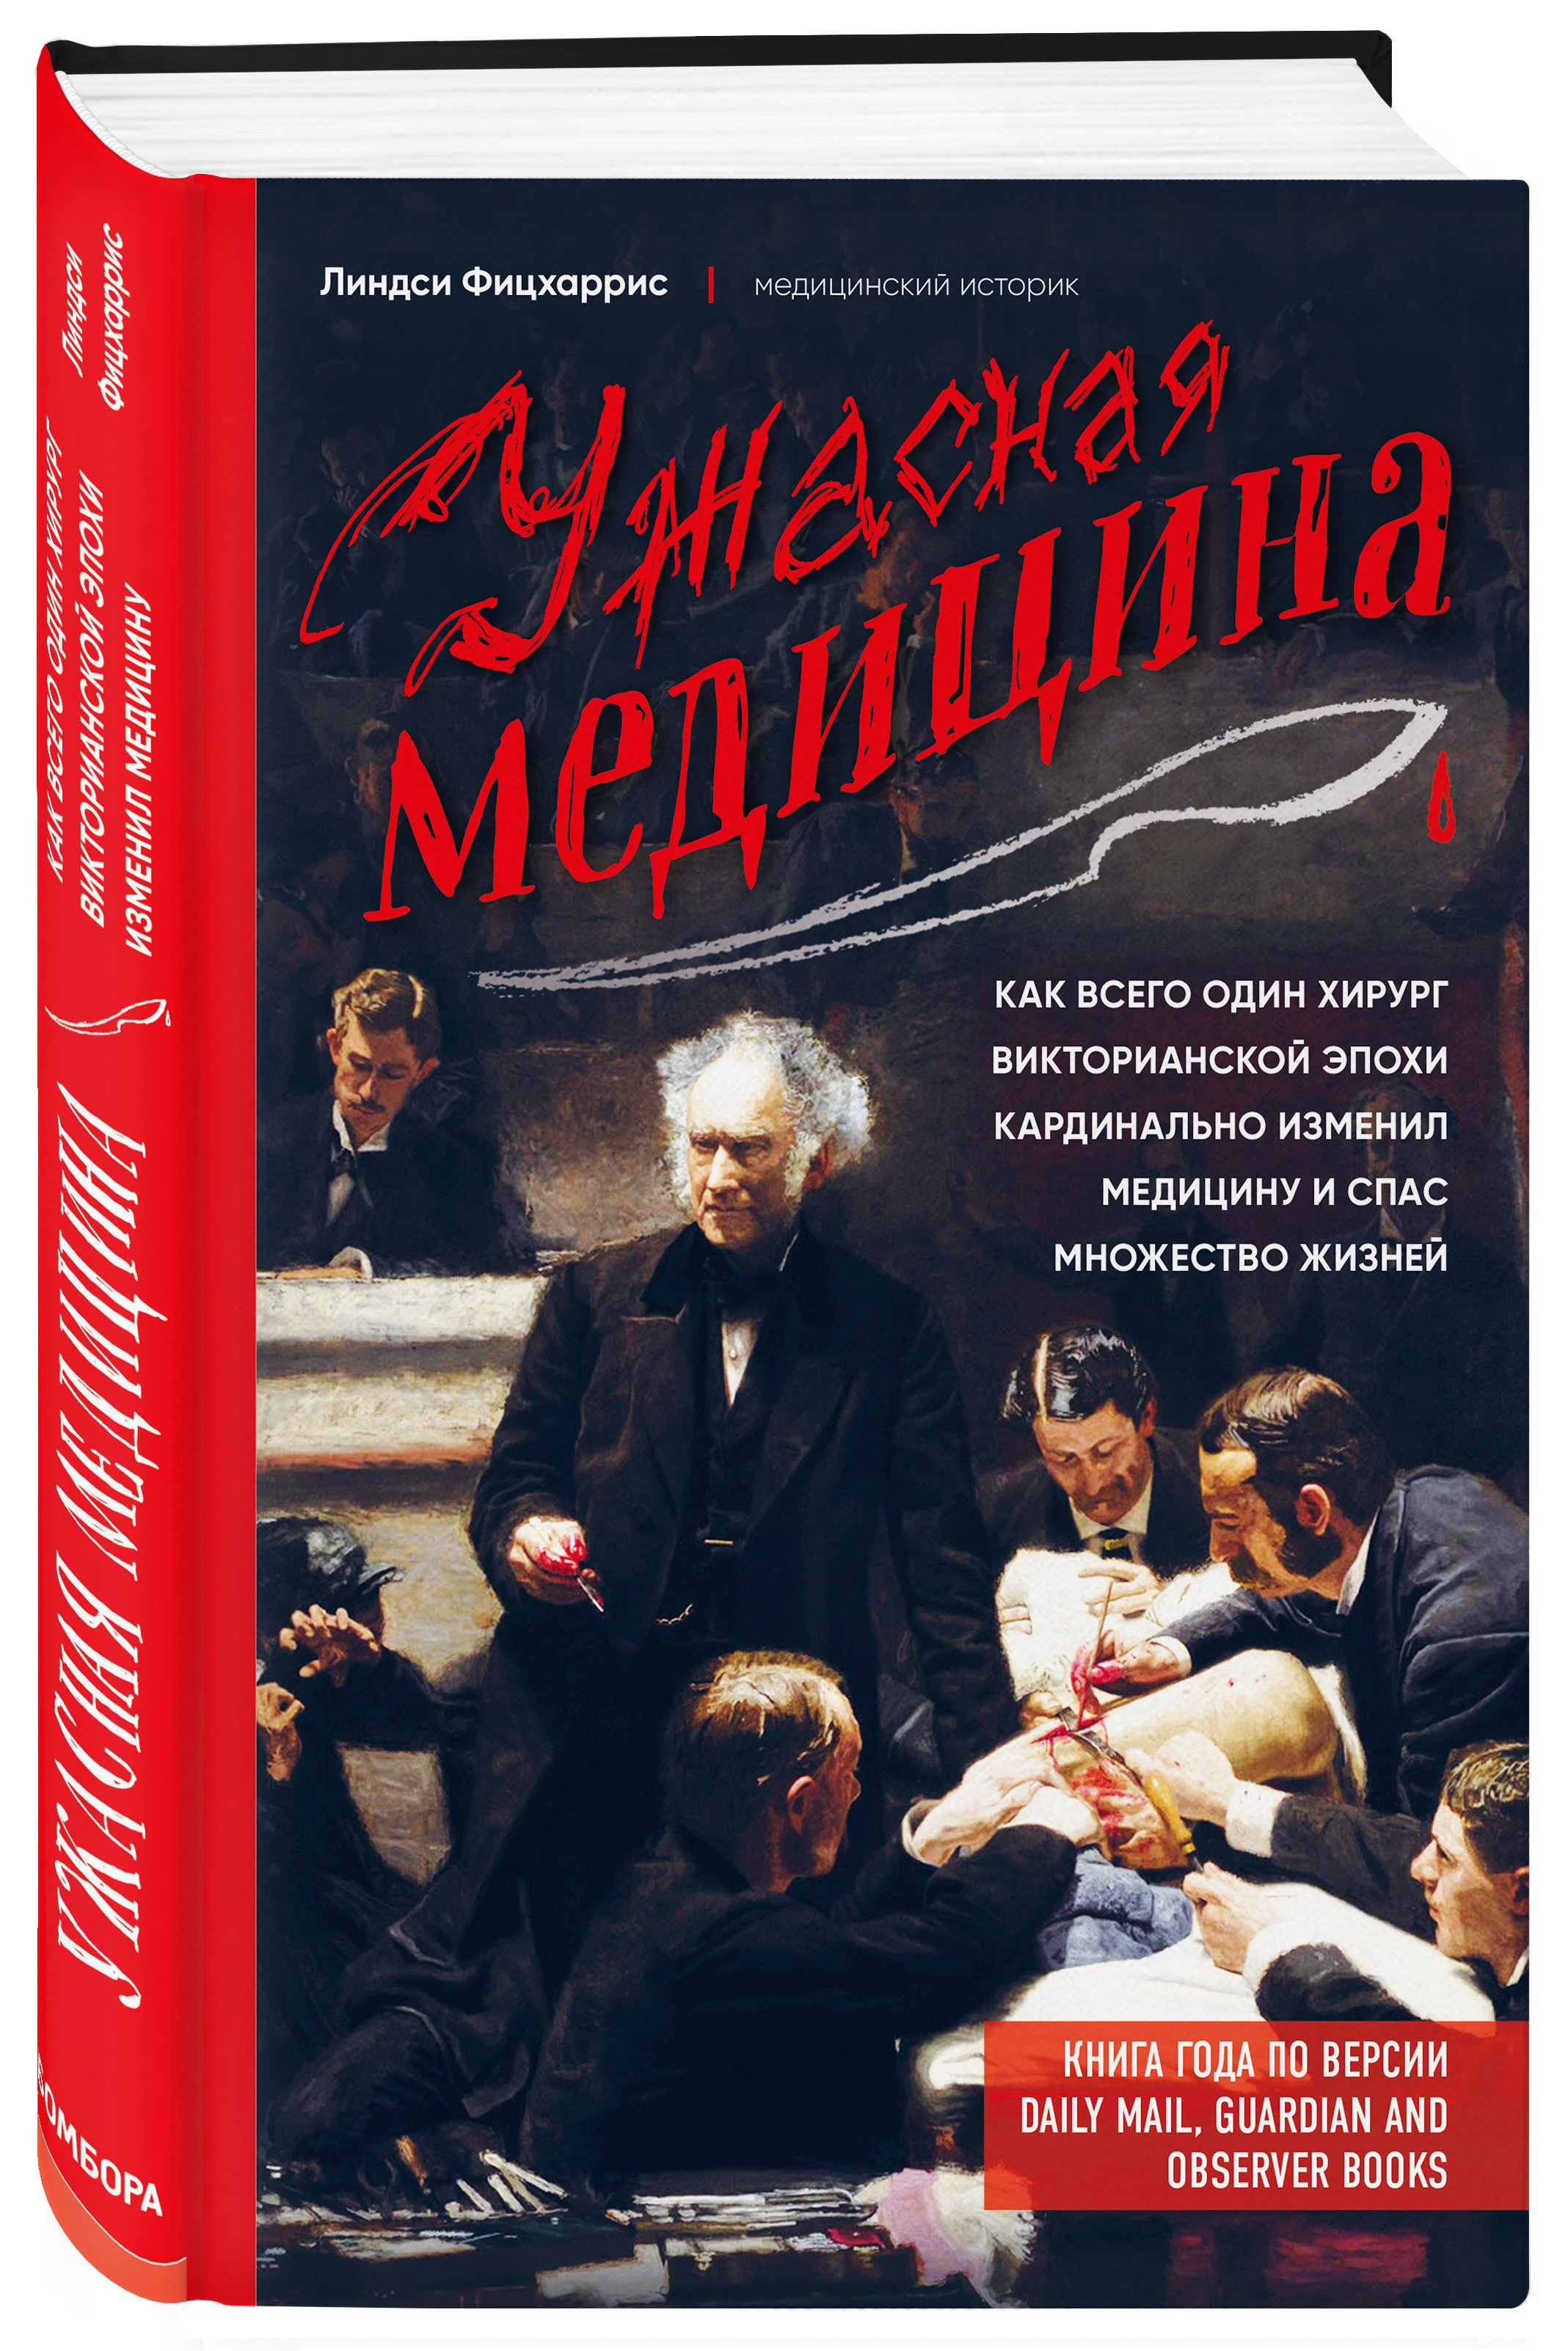 Ужасная медицина. Как всего один хирург викторианской эпохи кардинально изменил медицину и спас множество жизней (Линдси Фицхаррис)